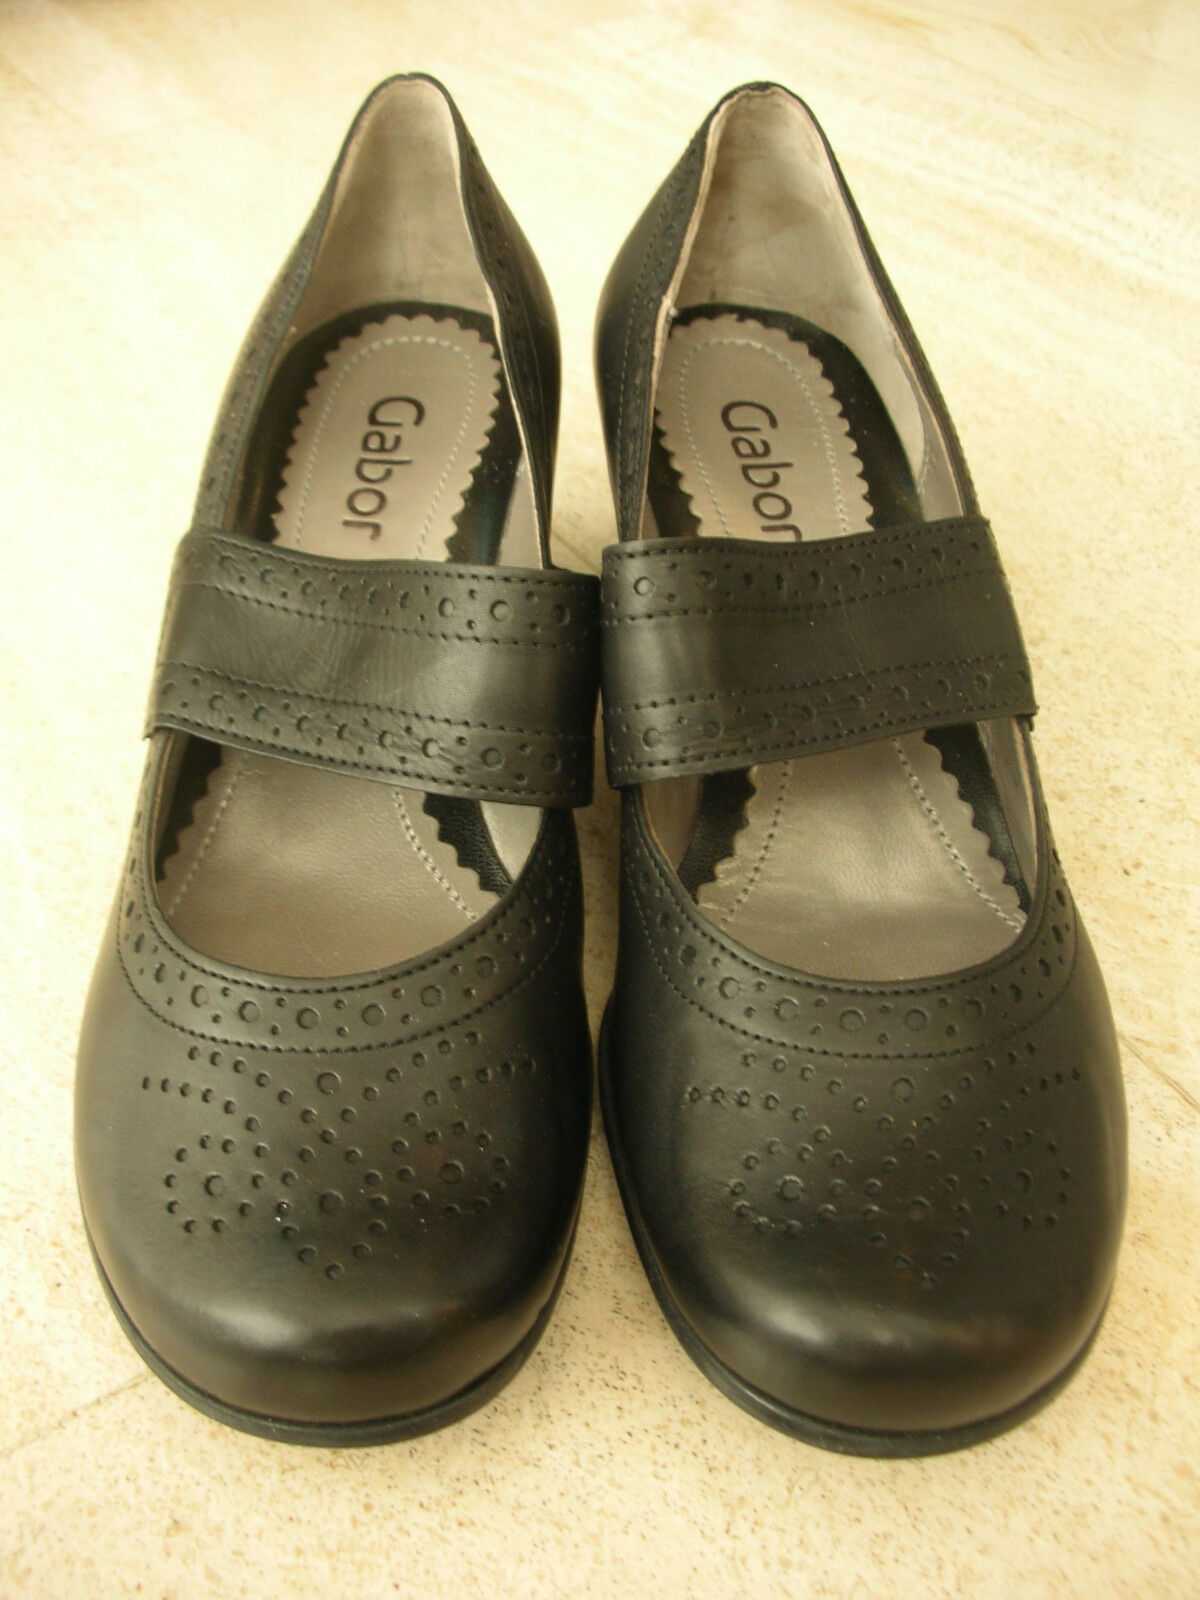 Elegante, klassische, Fashion, schwarze Pumps von Gabor Fashion, klassische, Gr. 4 Größe 37 c4a3d5